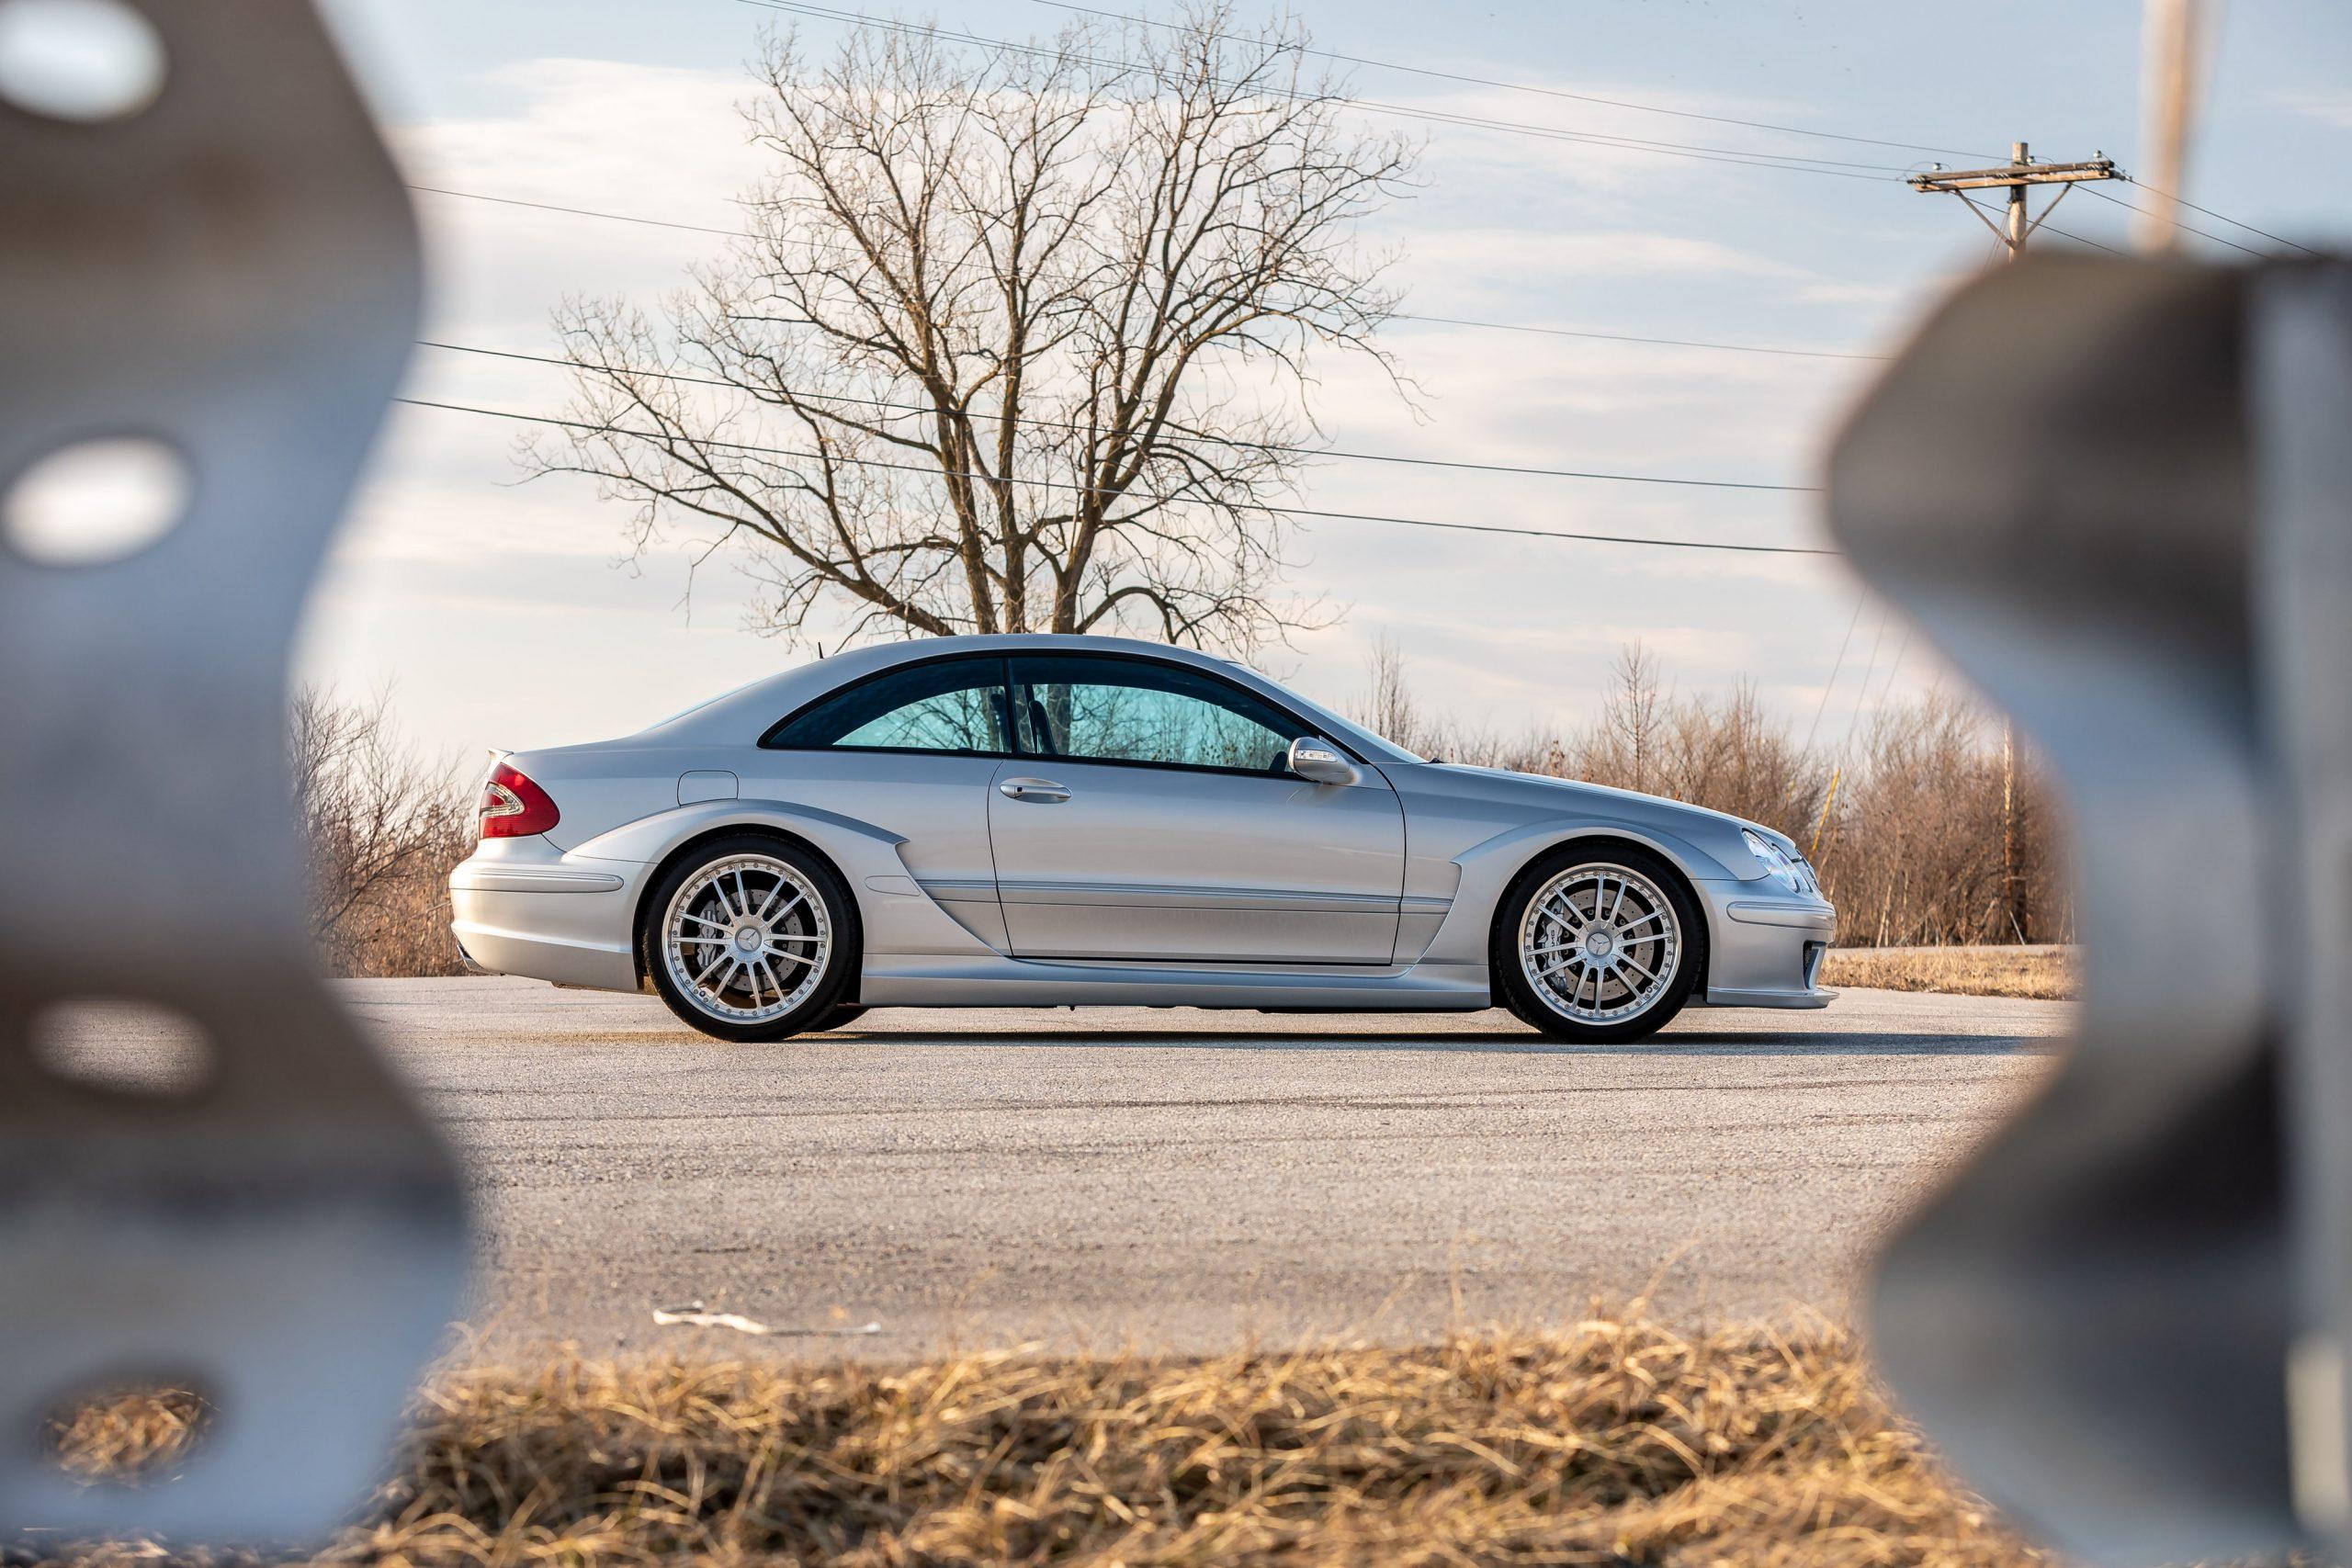 2005 Mercedes Benz CLK DTM AMG side profile